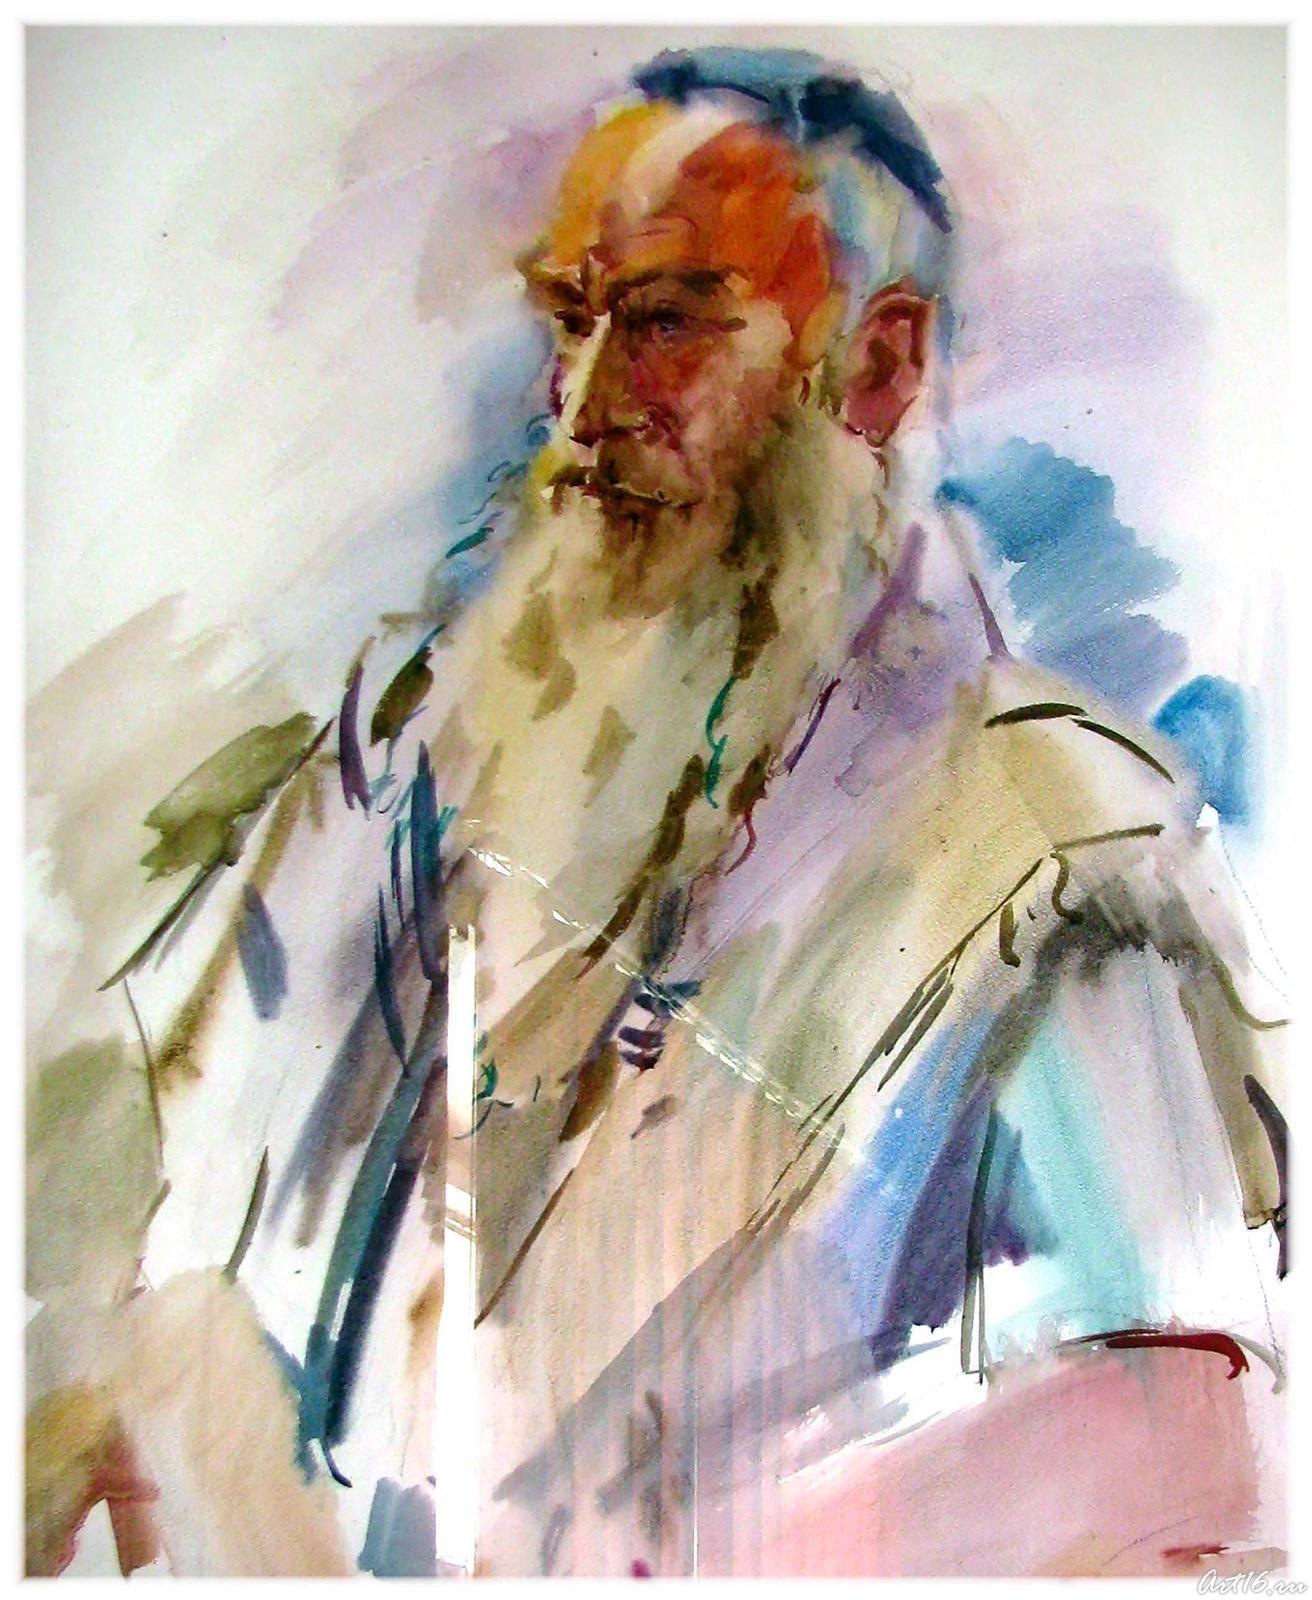 Фото №54646. Портрет старика. 2008